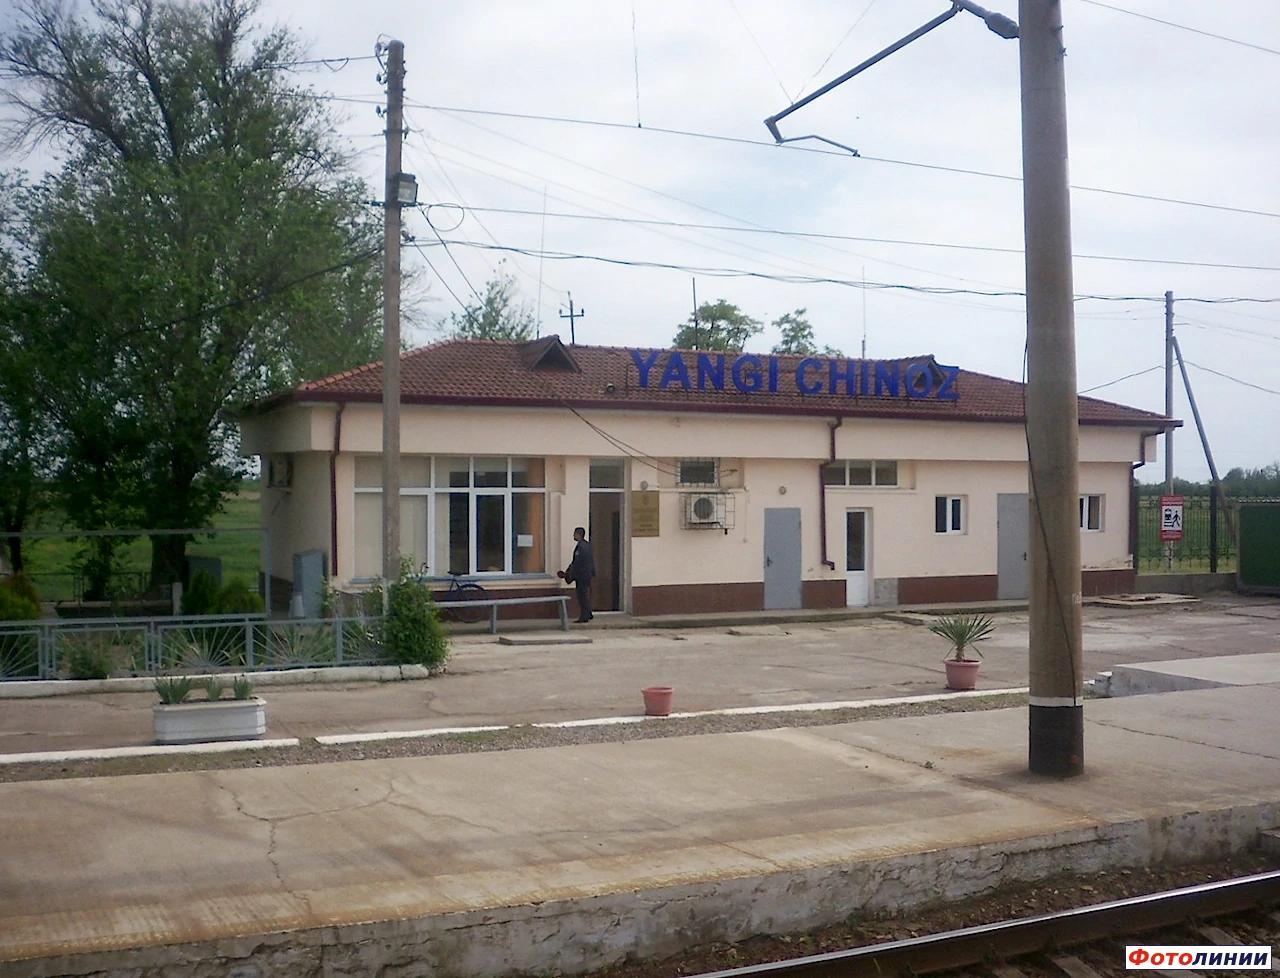 можно высаживать станция хаваст узбекистан фотографии покажем пошаговые фото